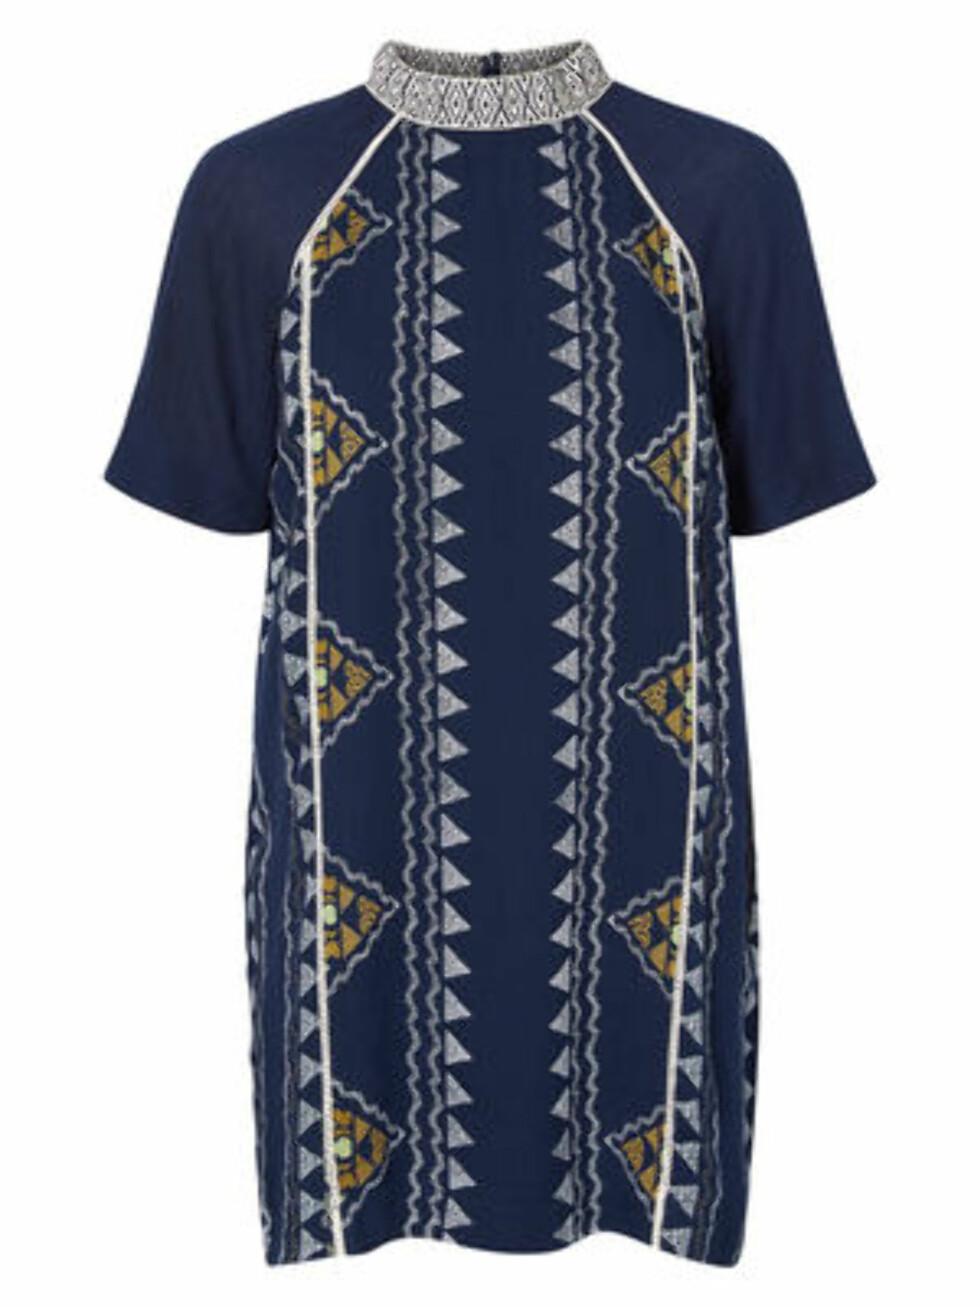 Kjole fra Vero Moda, kr 349,95. Foto: Produsenten